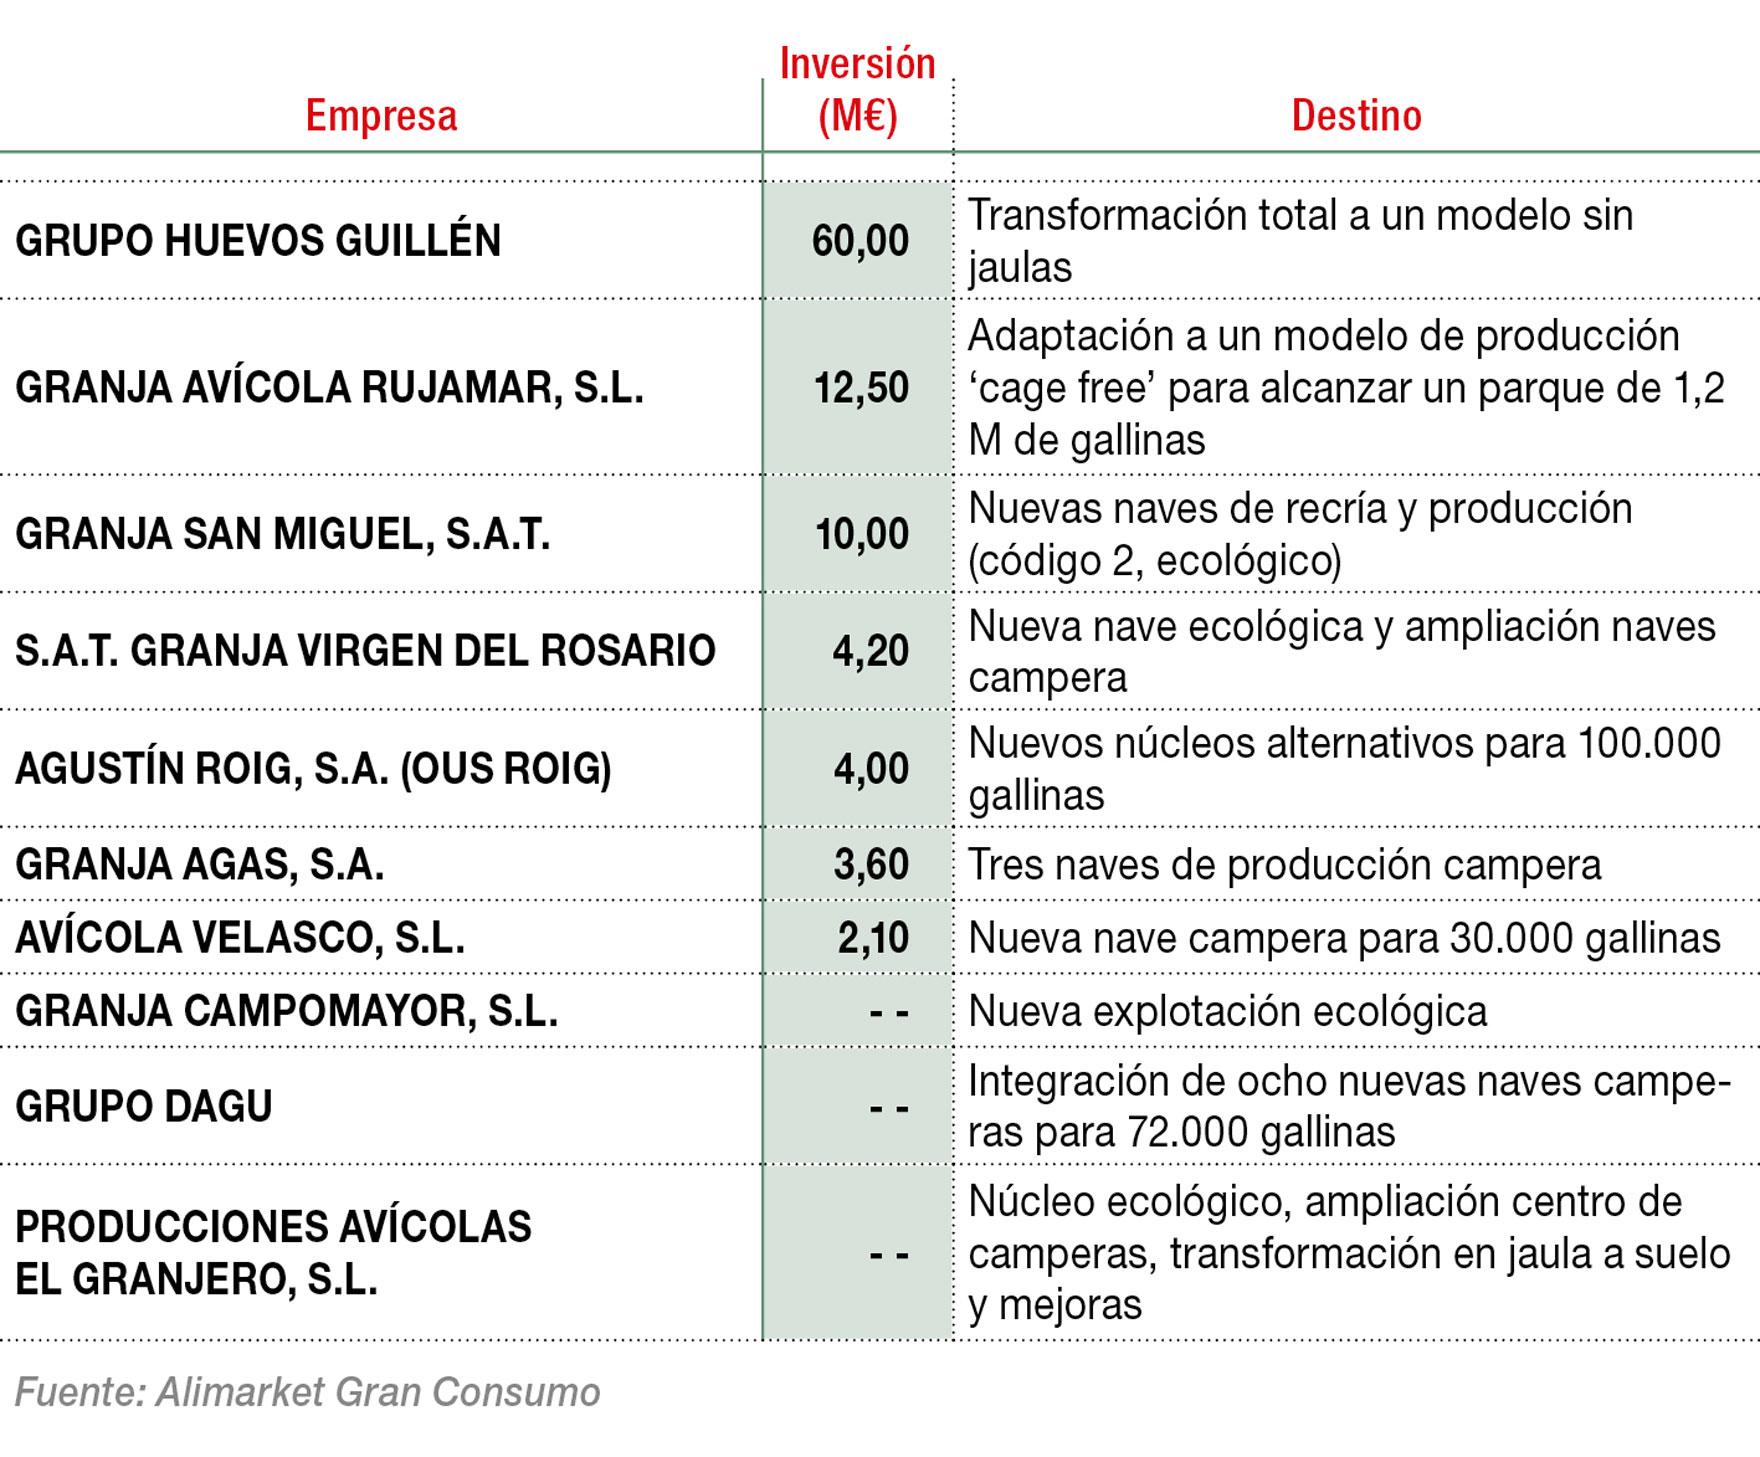 Principales inversiones previstas en sistemas de producción alternativos